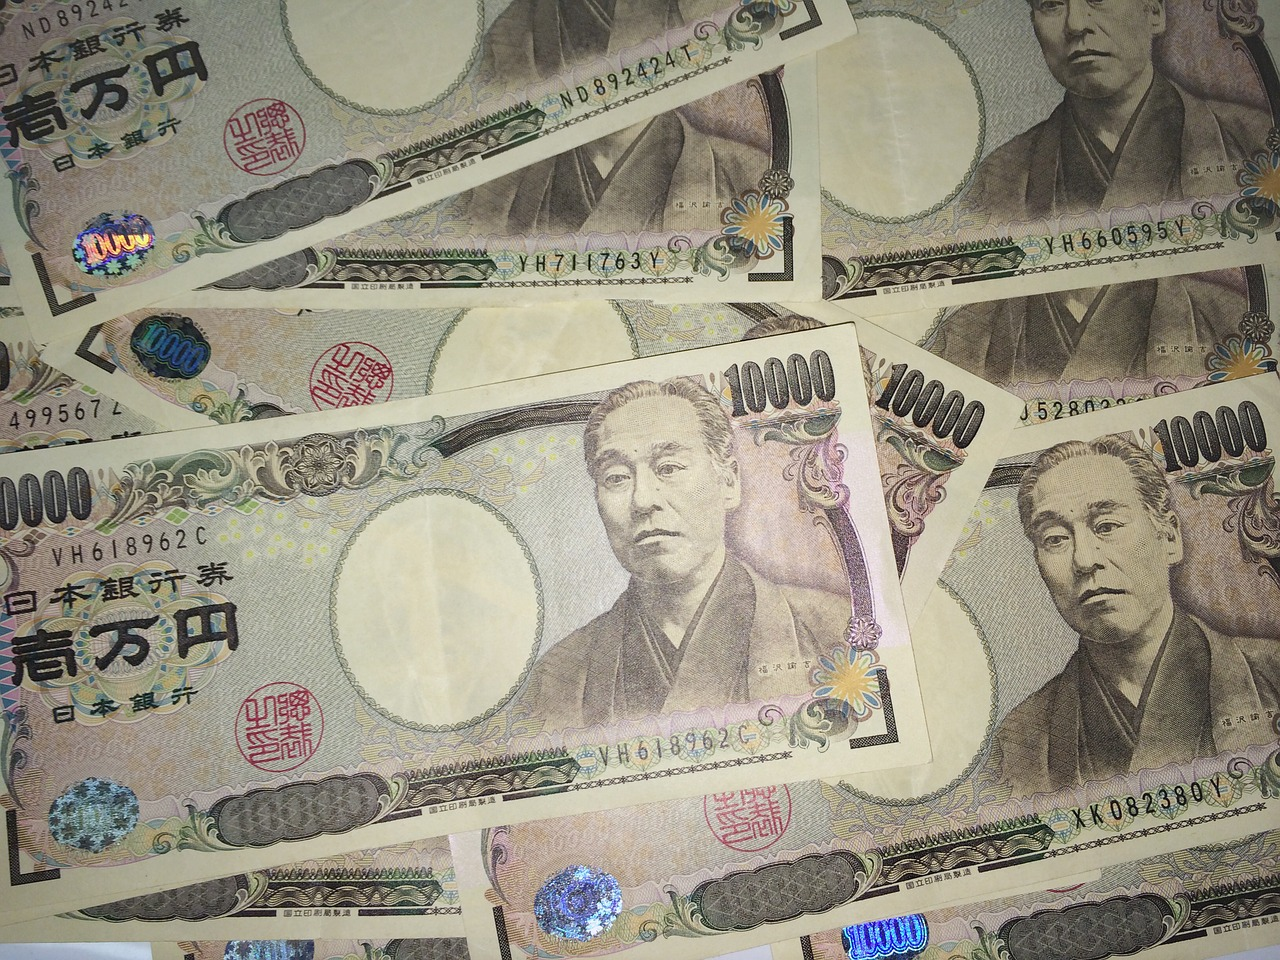 【実話】年収500万円の手取り、生活、貯金、結婚のリアル